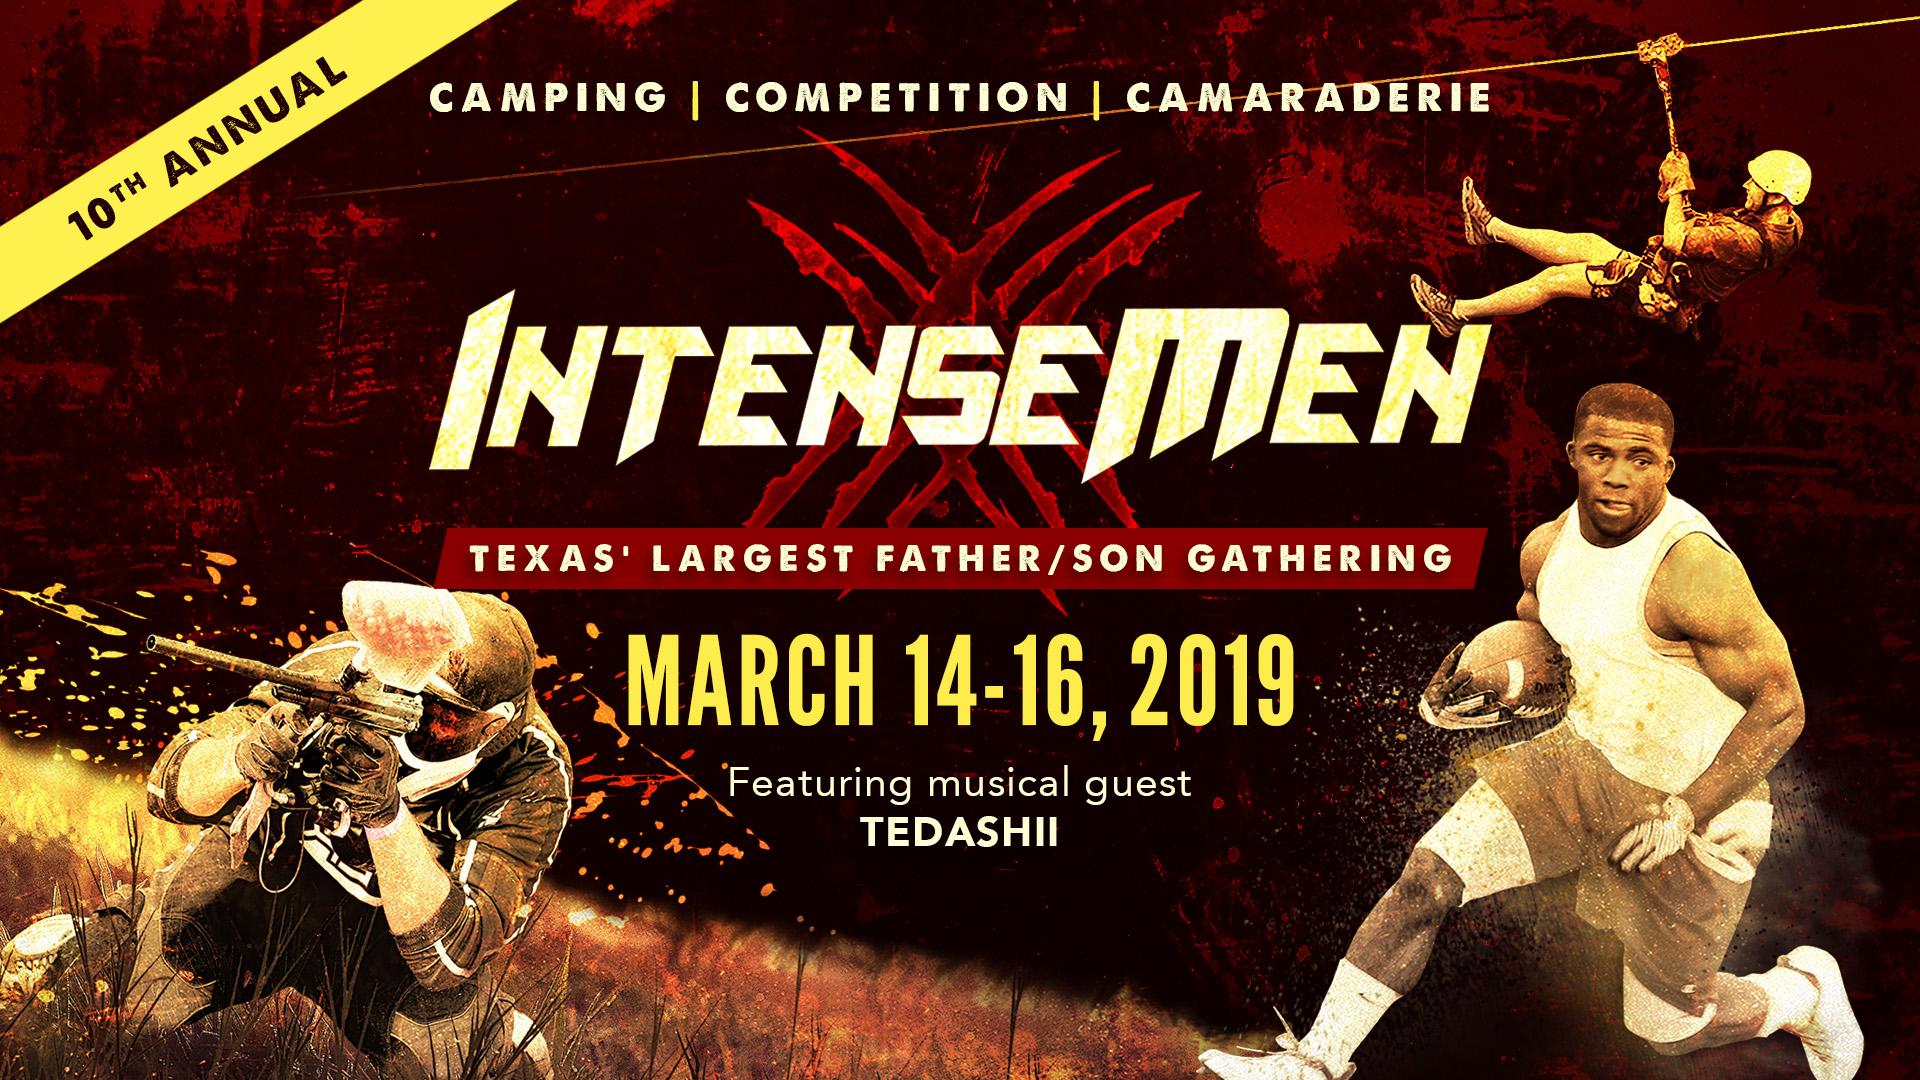 2019 INTENSE MEN logo